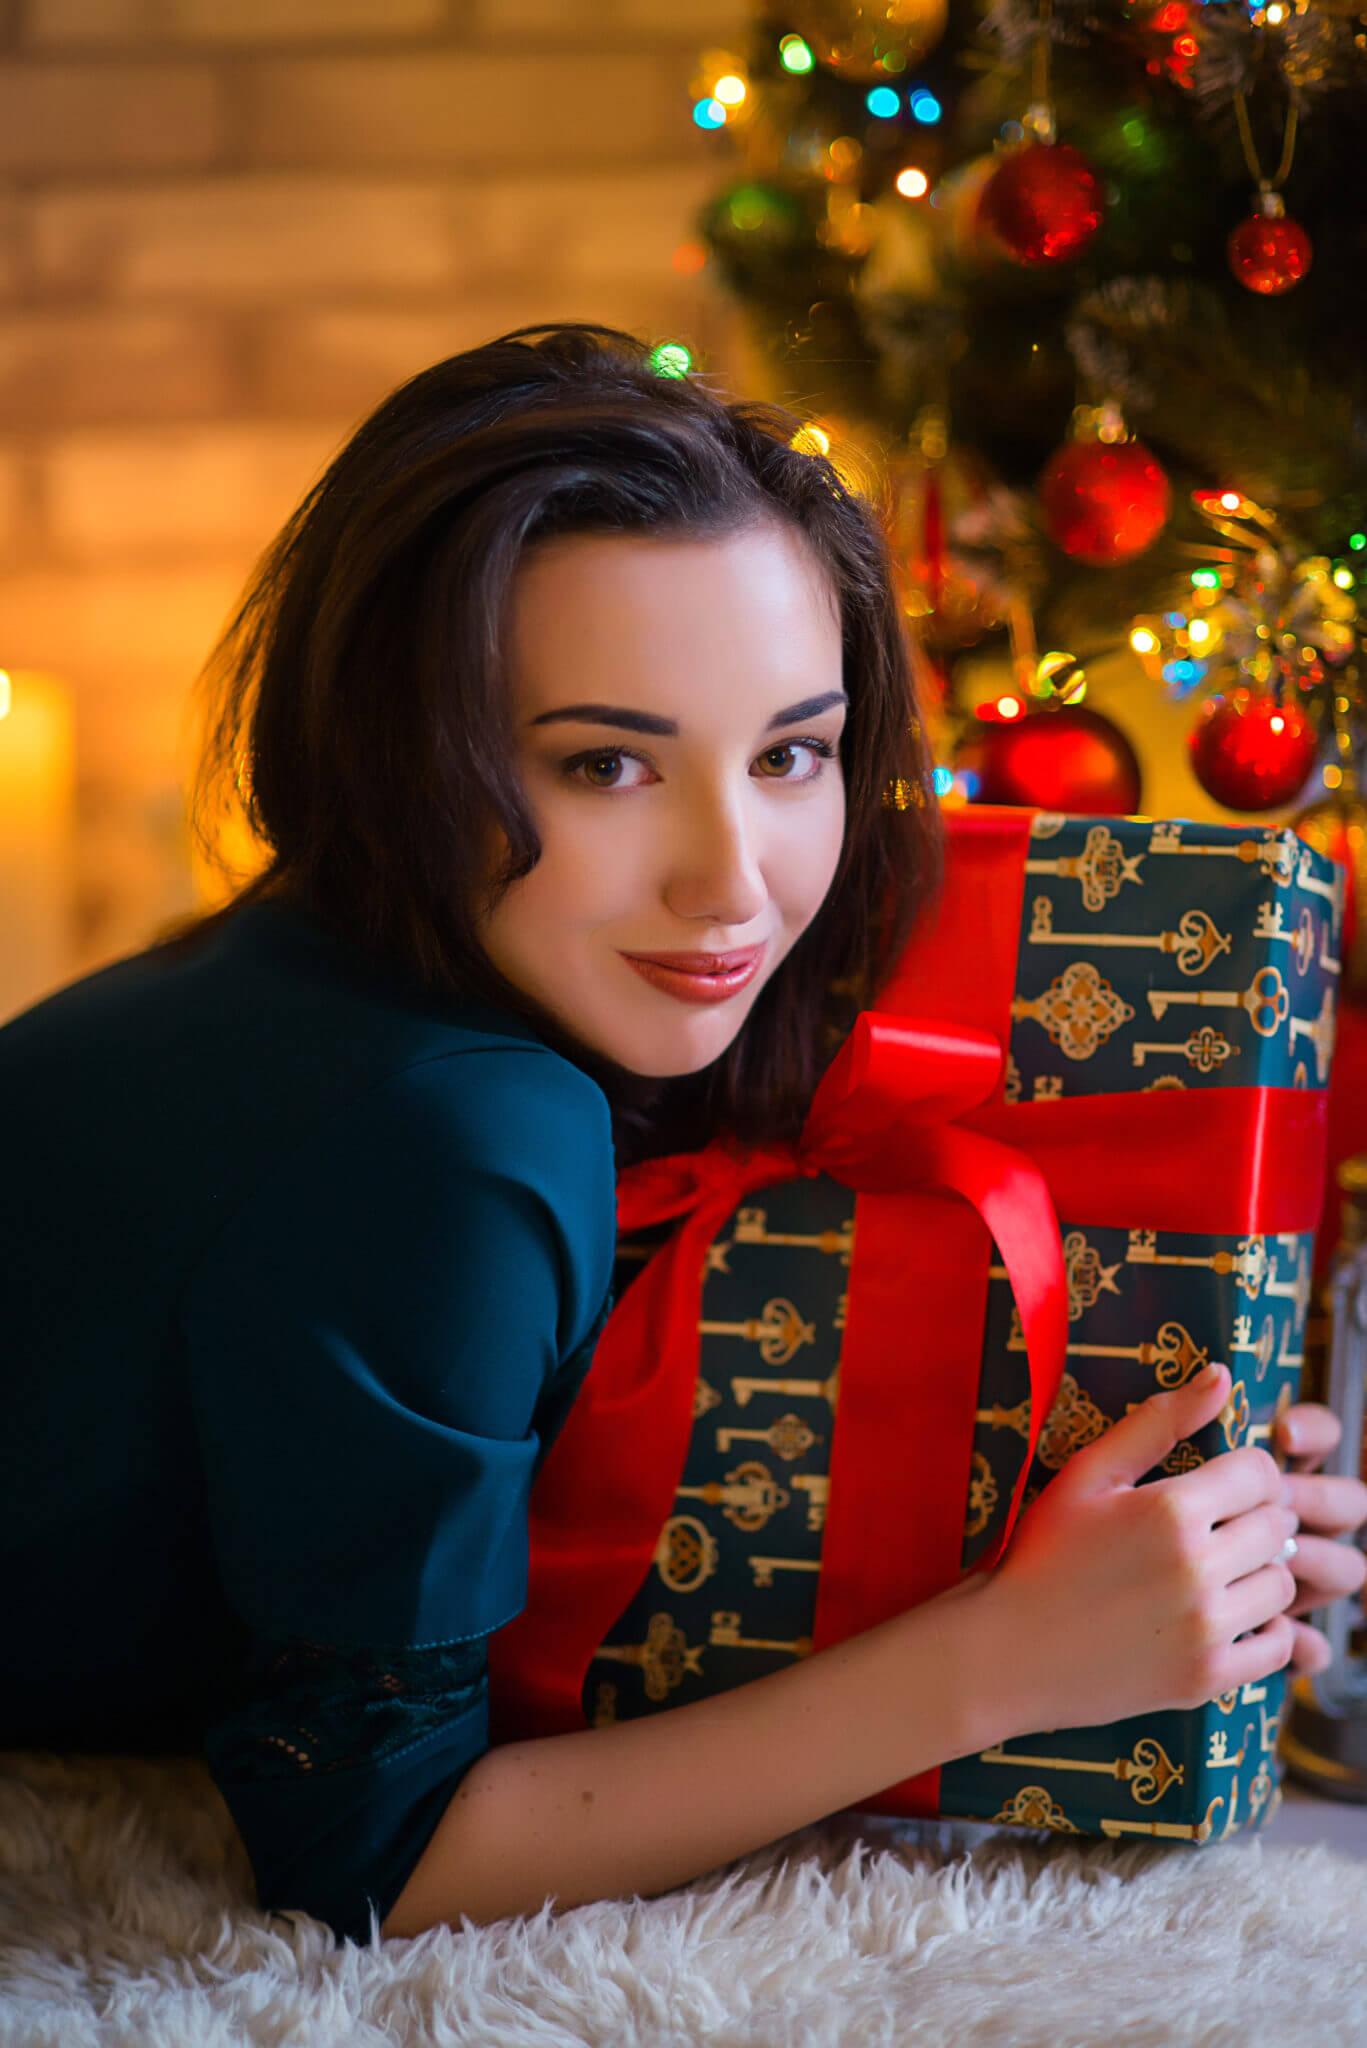 Новогодняя фотосессия, молодая девушка с подарком в руках под новогодней елкой